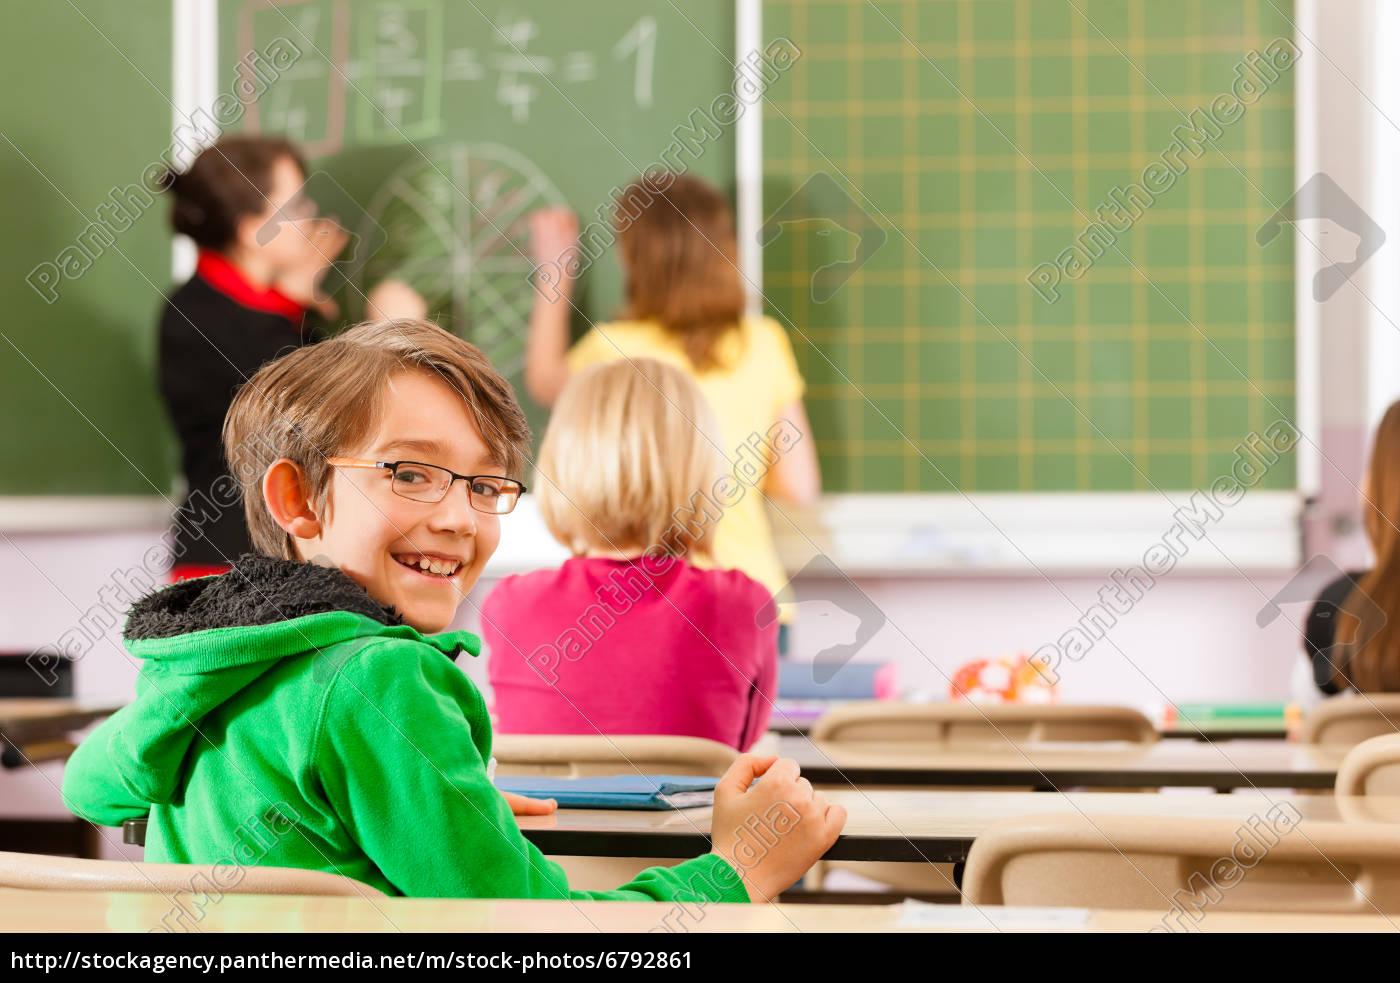 insegnante, con, gli, studenti, in, una - 6792861